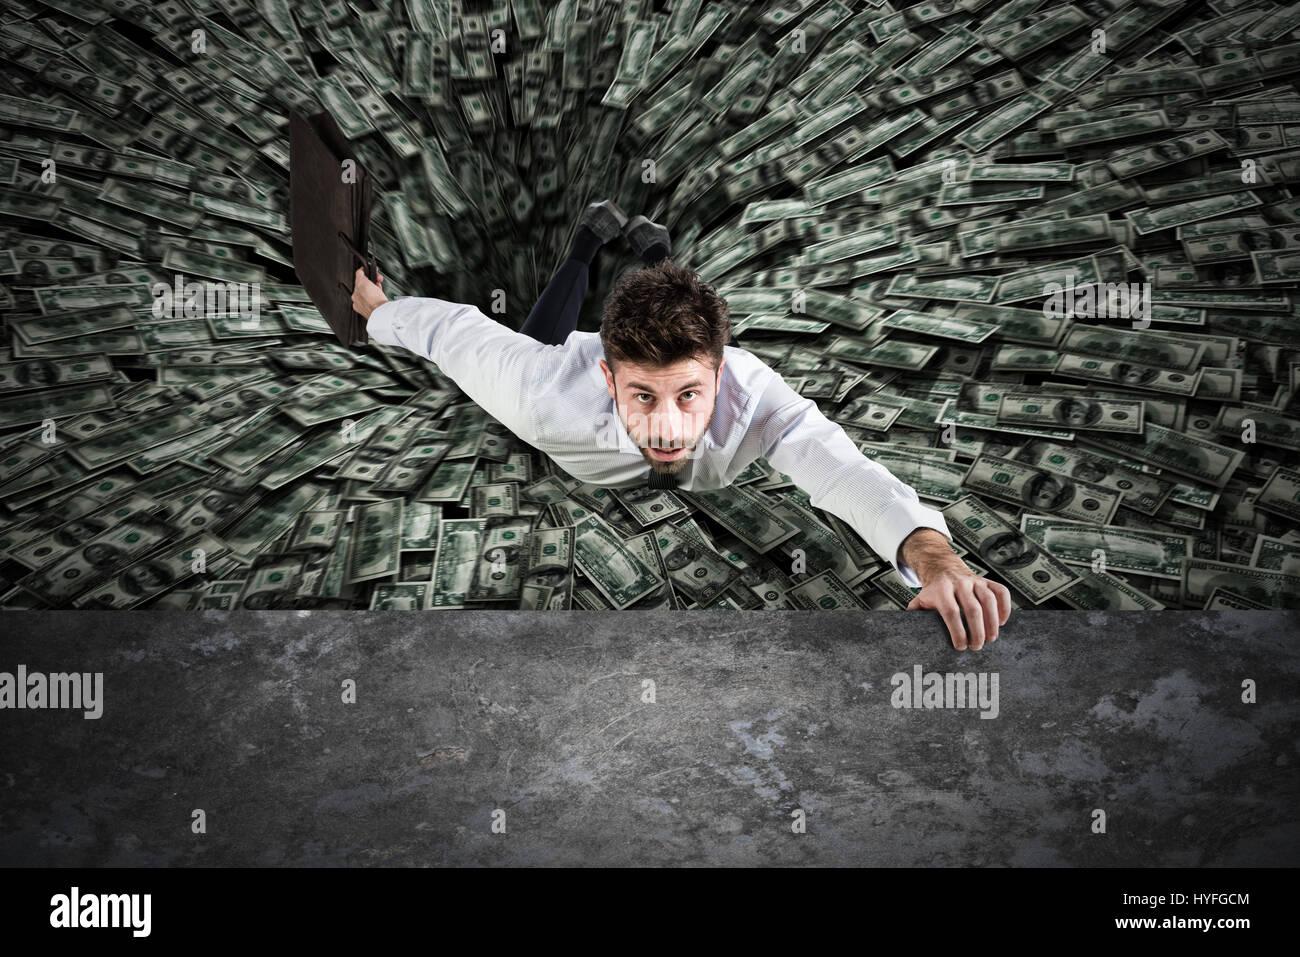 Schwarzes Loch des Geldes Stockbild